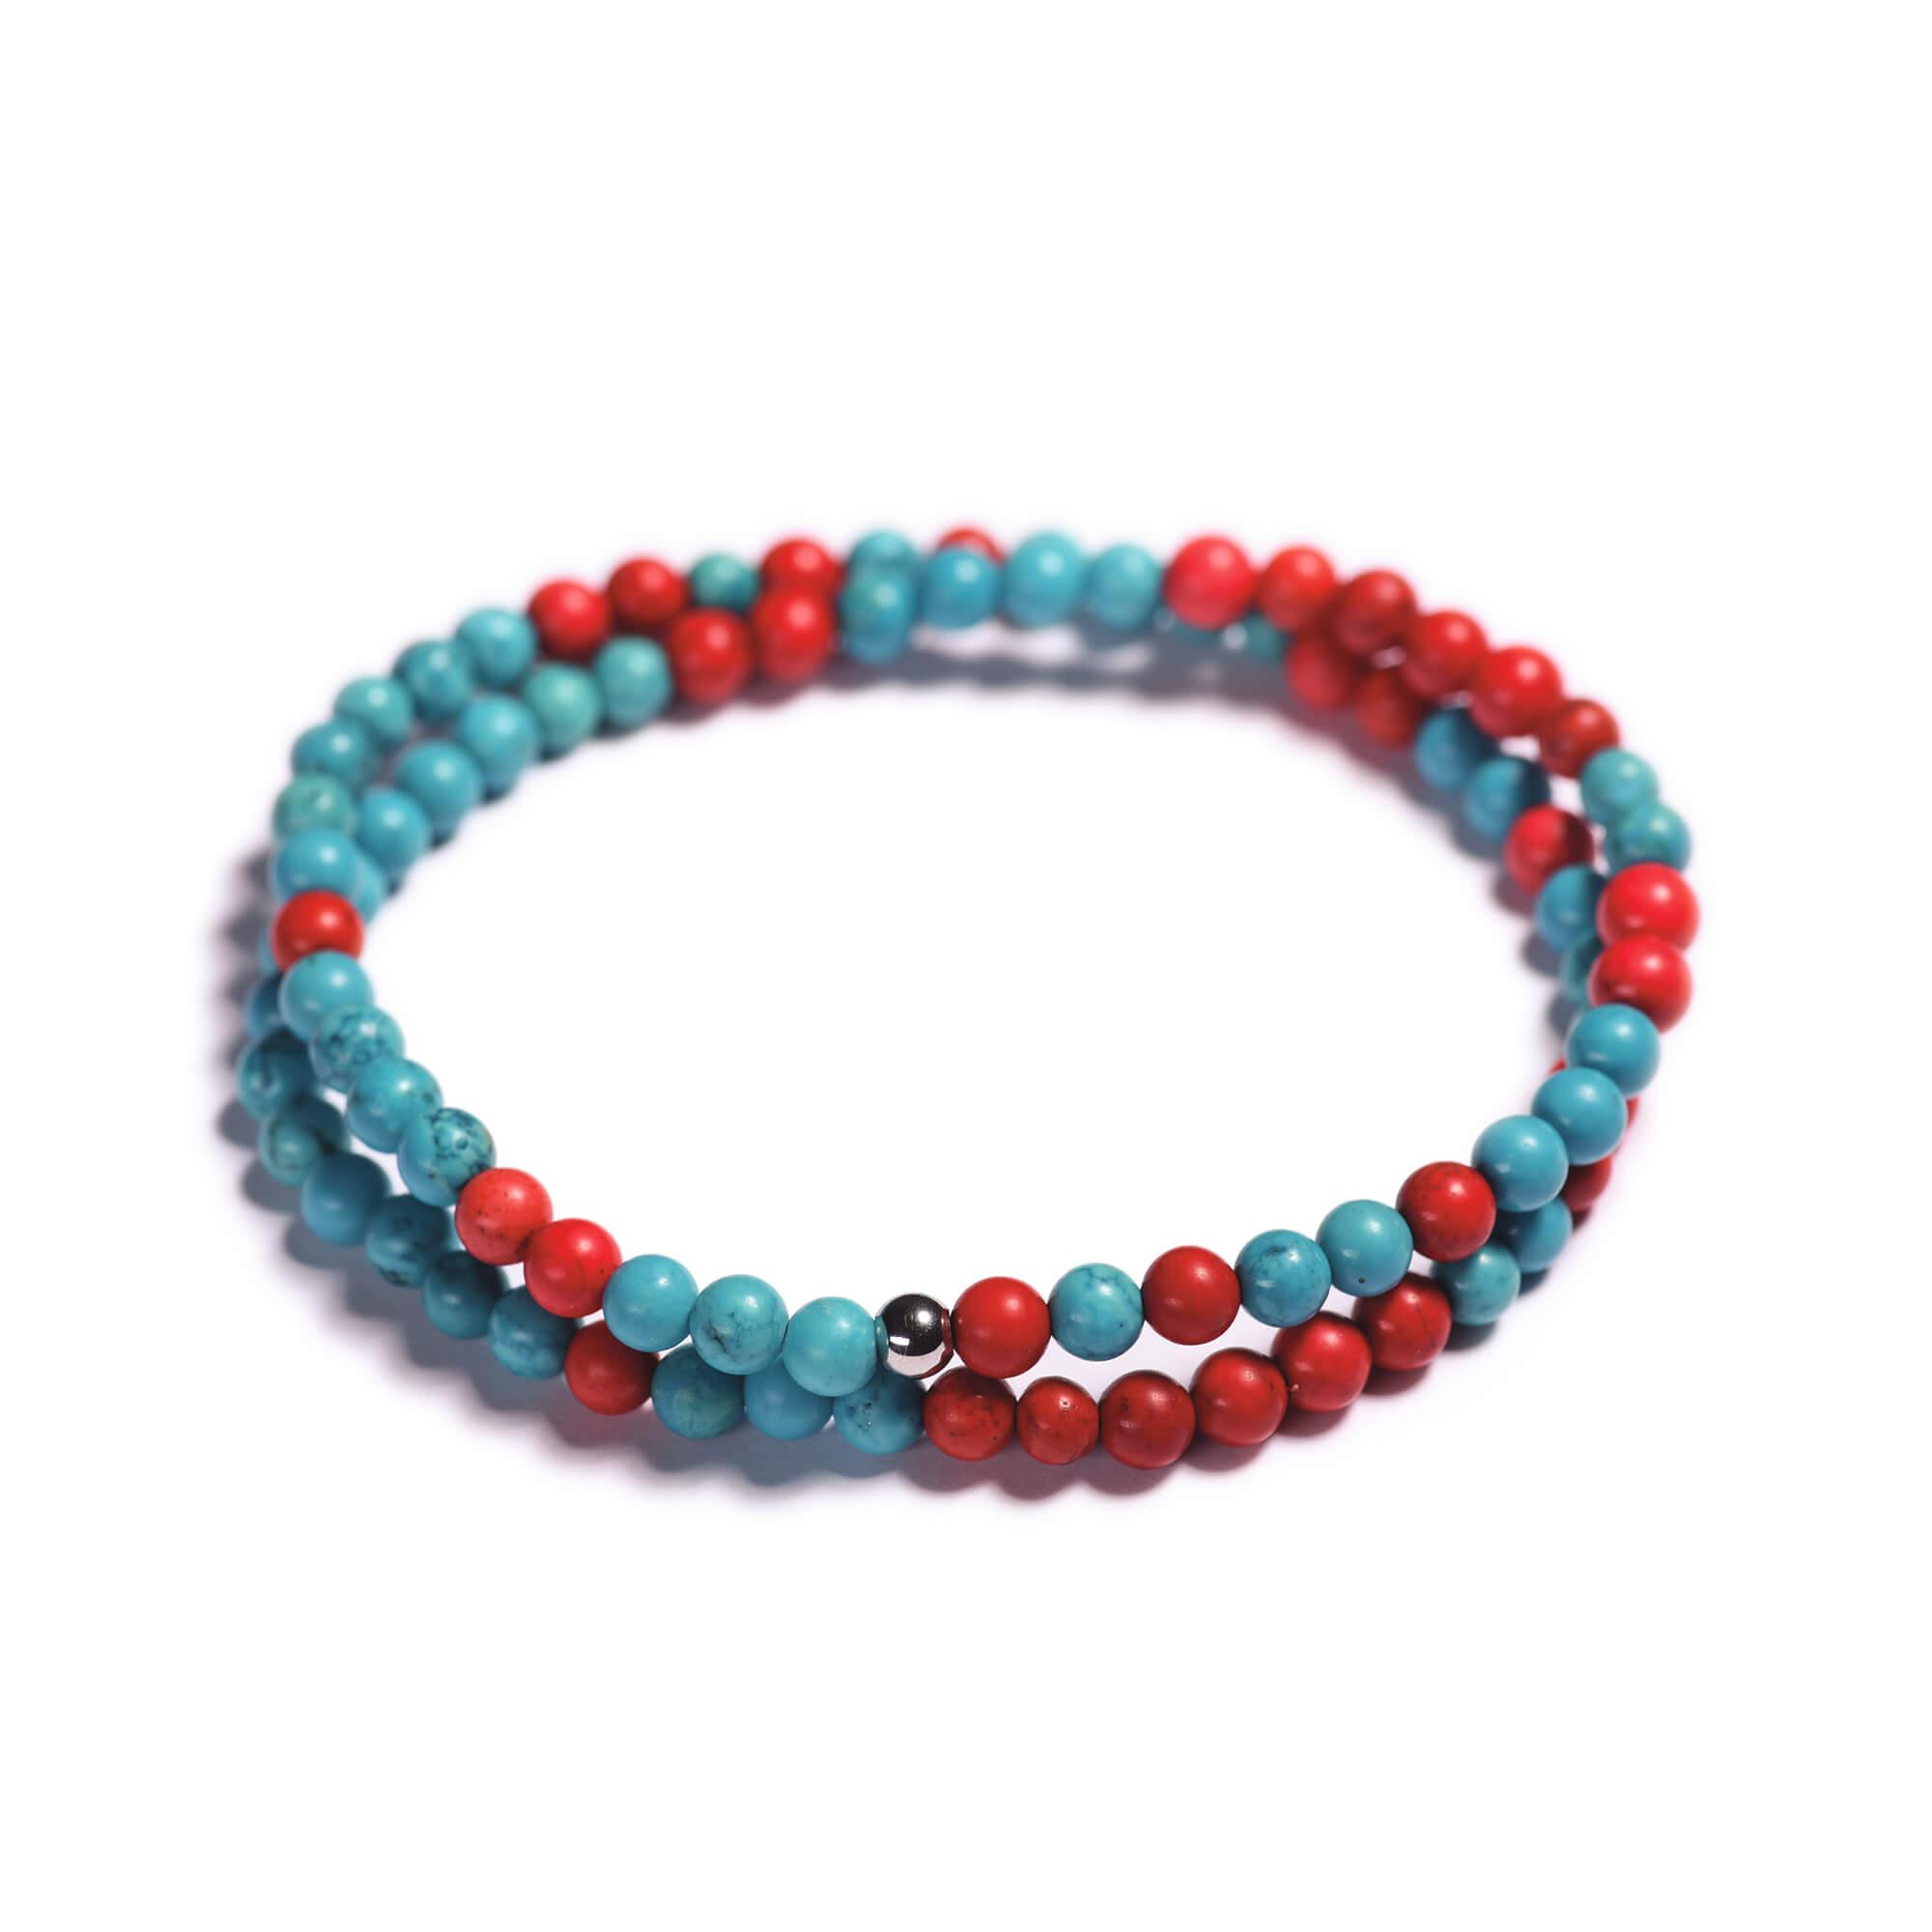 088e89559 Pánsky korálikový wrap náramok – modrý a červený tyrkys | Lavaliere